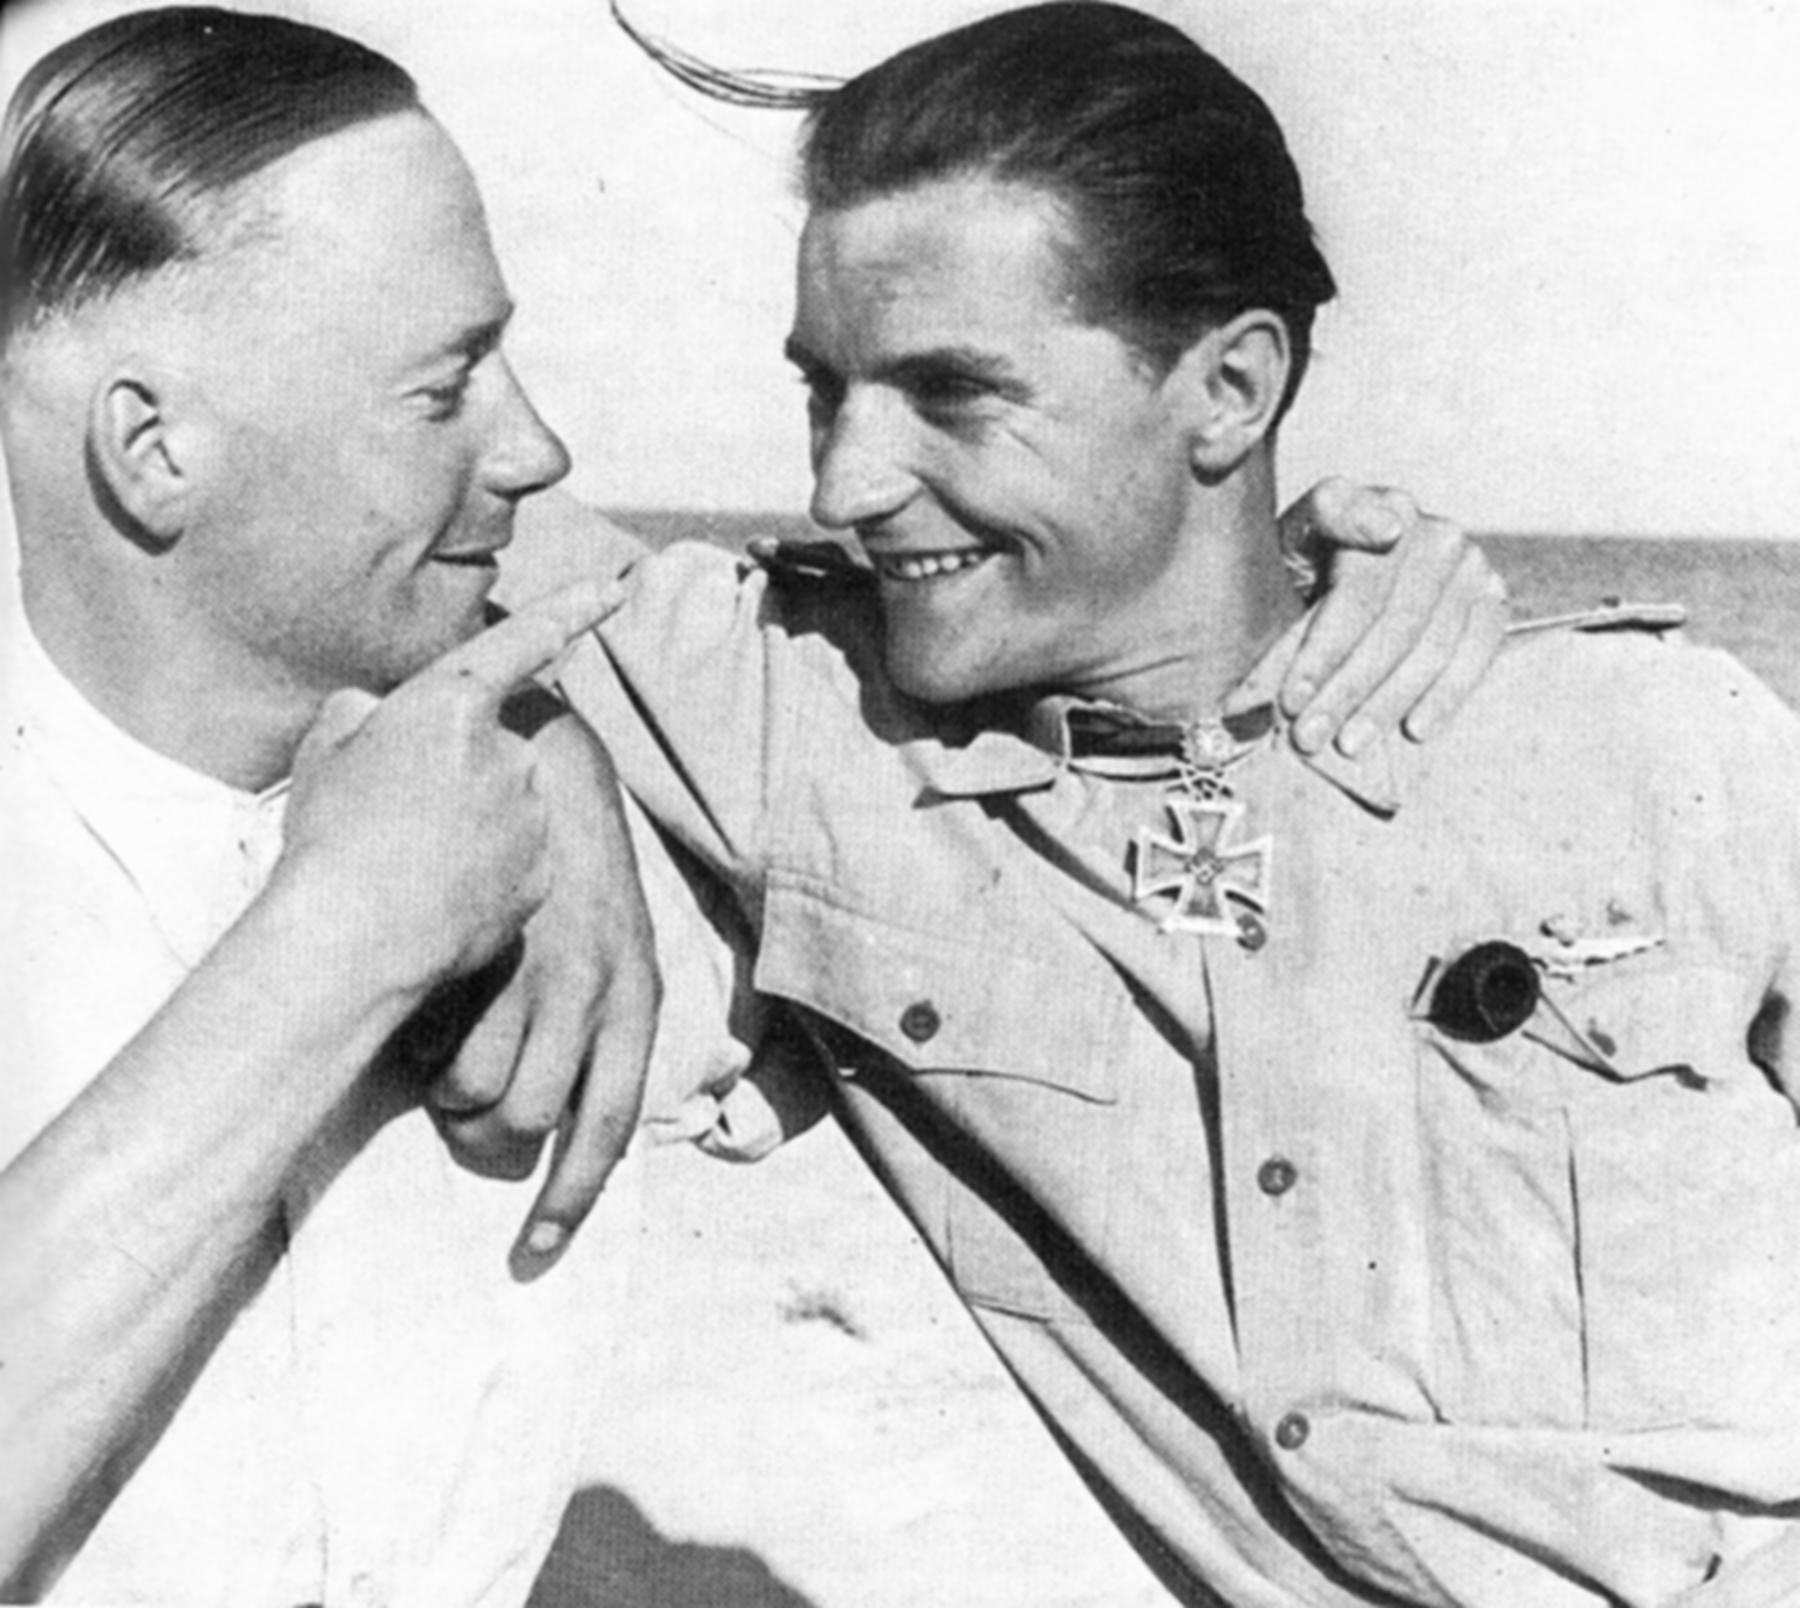 Aircrew Luftwaffe .JG27 ace Hans Joachim Marseille and Fritz Dettmann